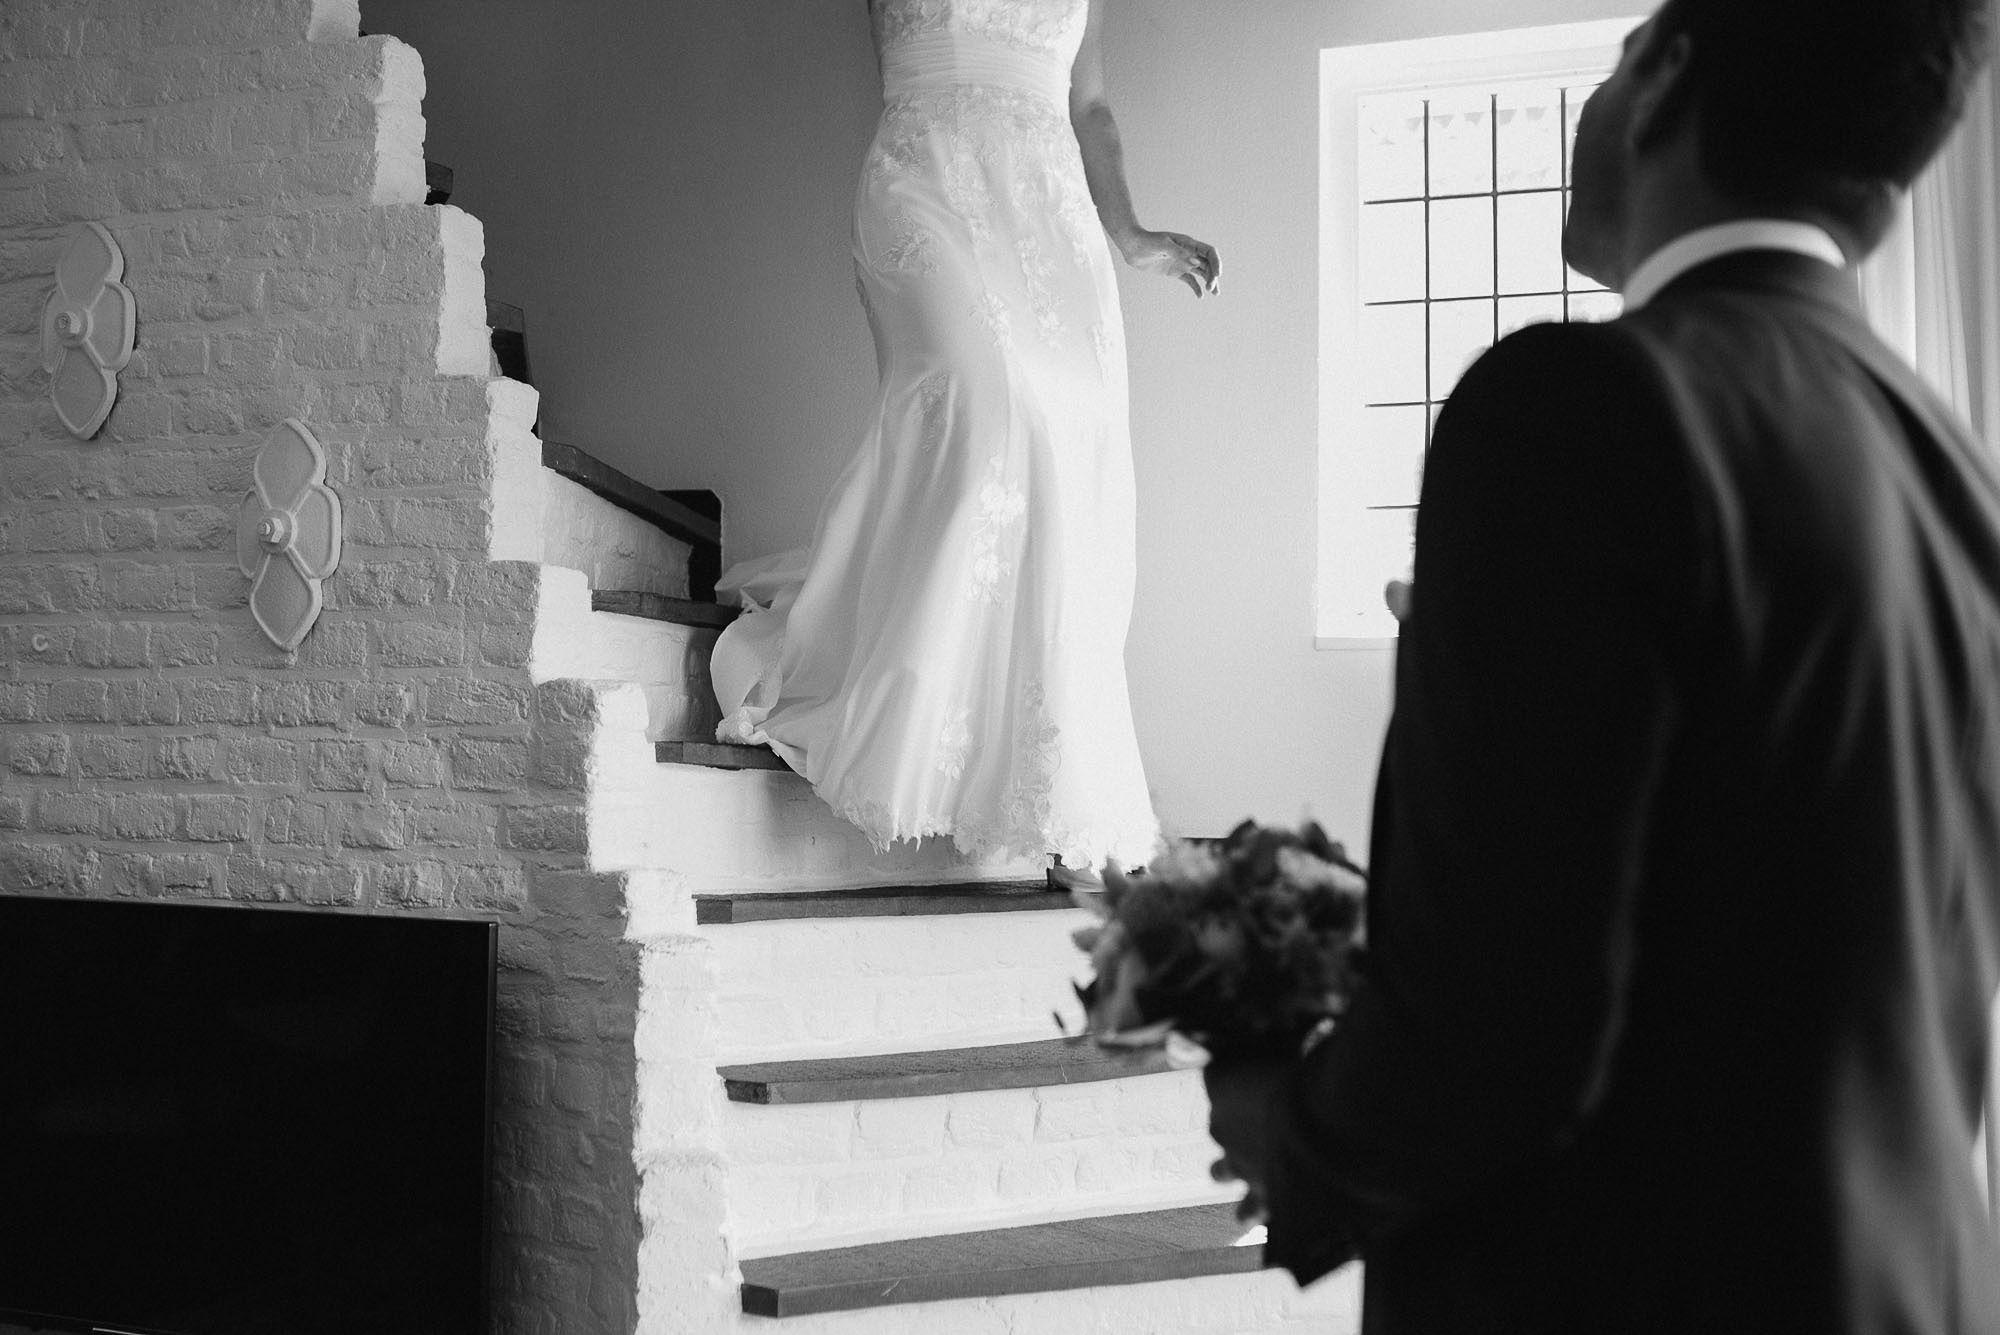 Bruidsfotograaf-Sittard-journalistieke-bruidsfotografie-021.jpg